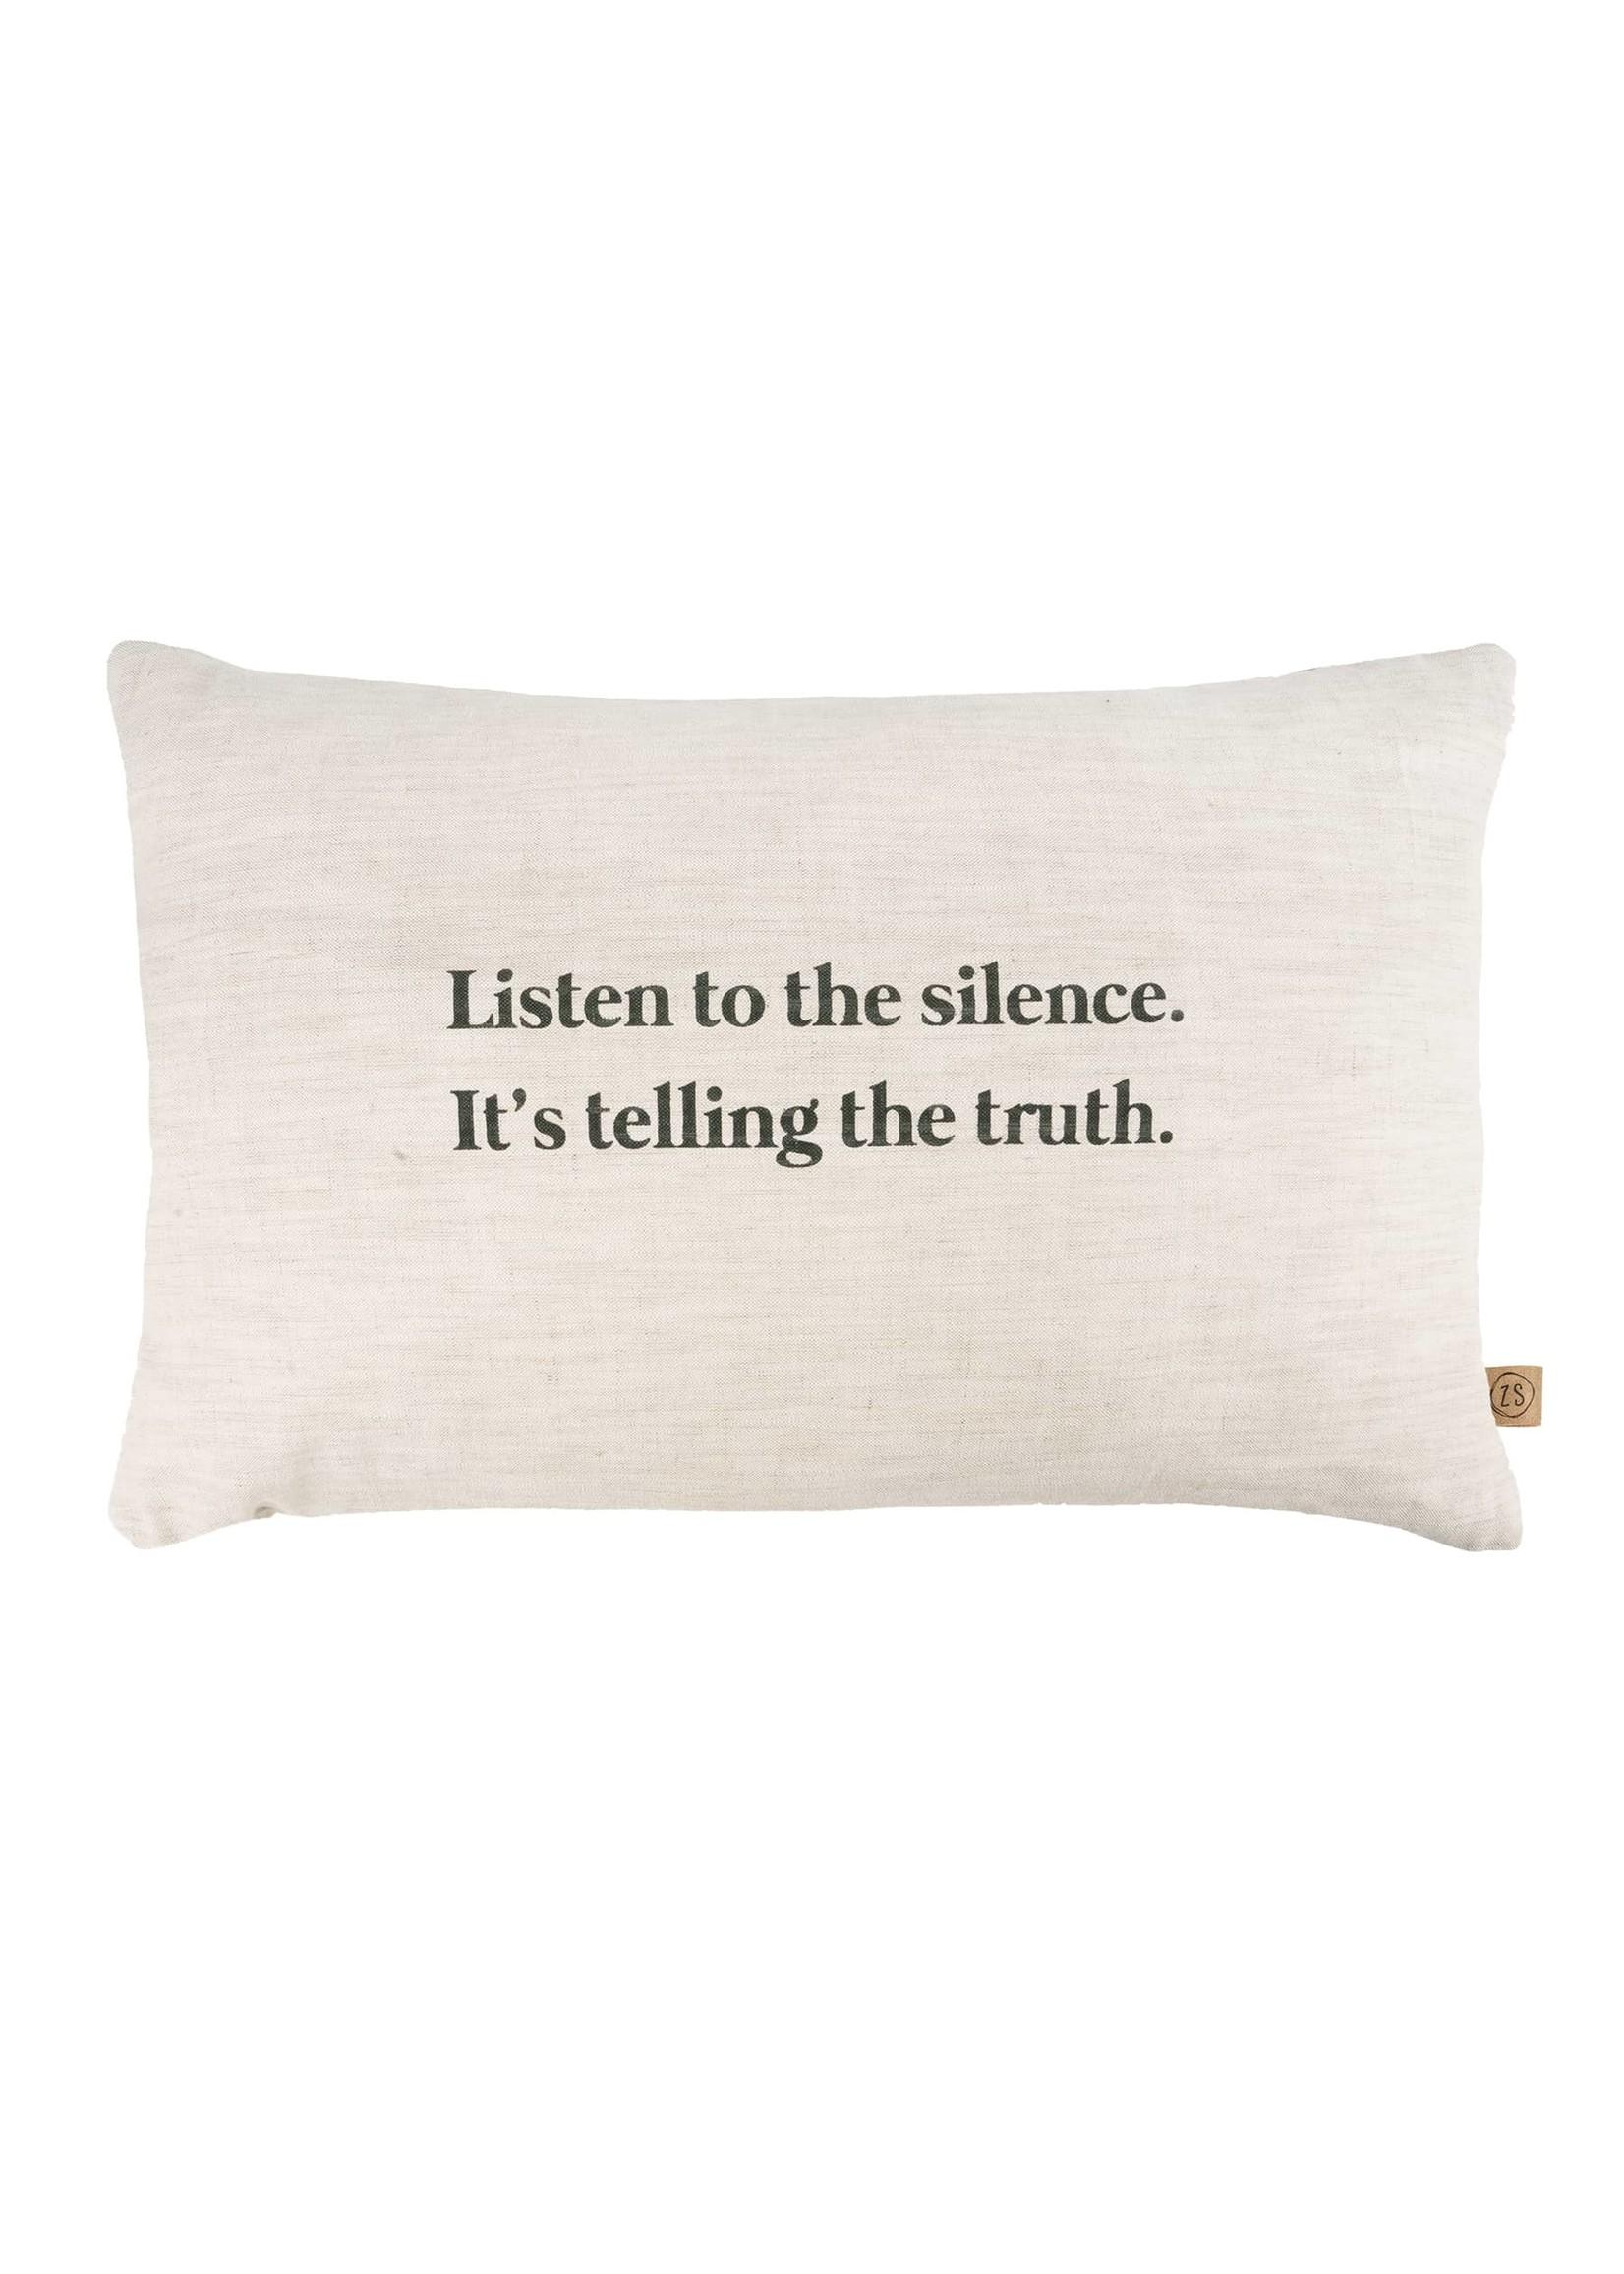 ZUSSS kussen listen to the silence 60x40cm peper en zout